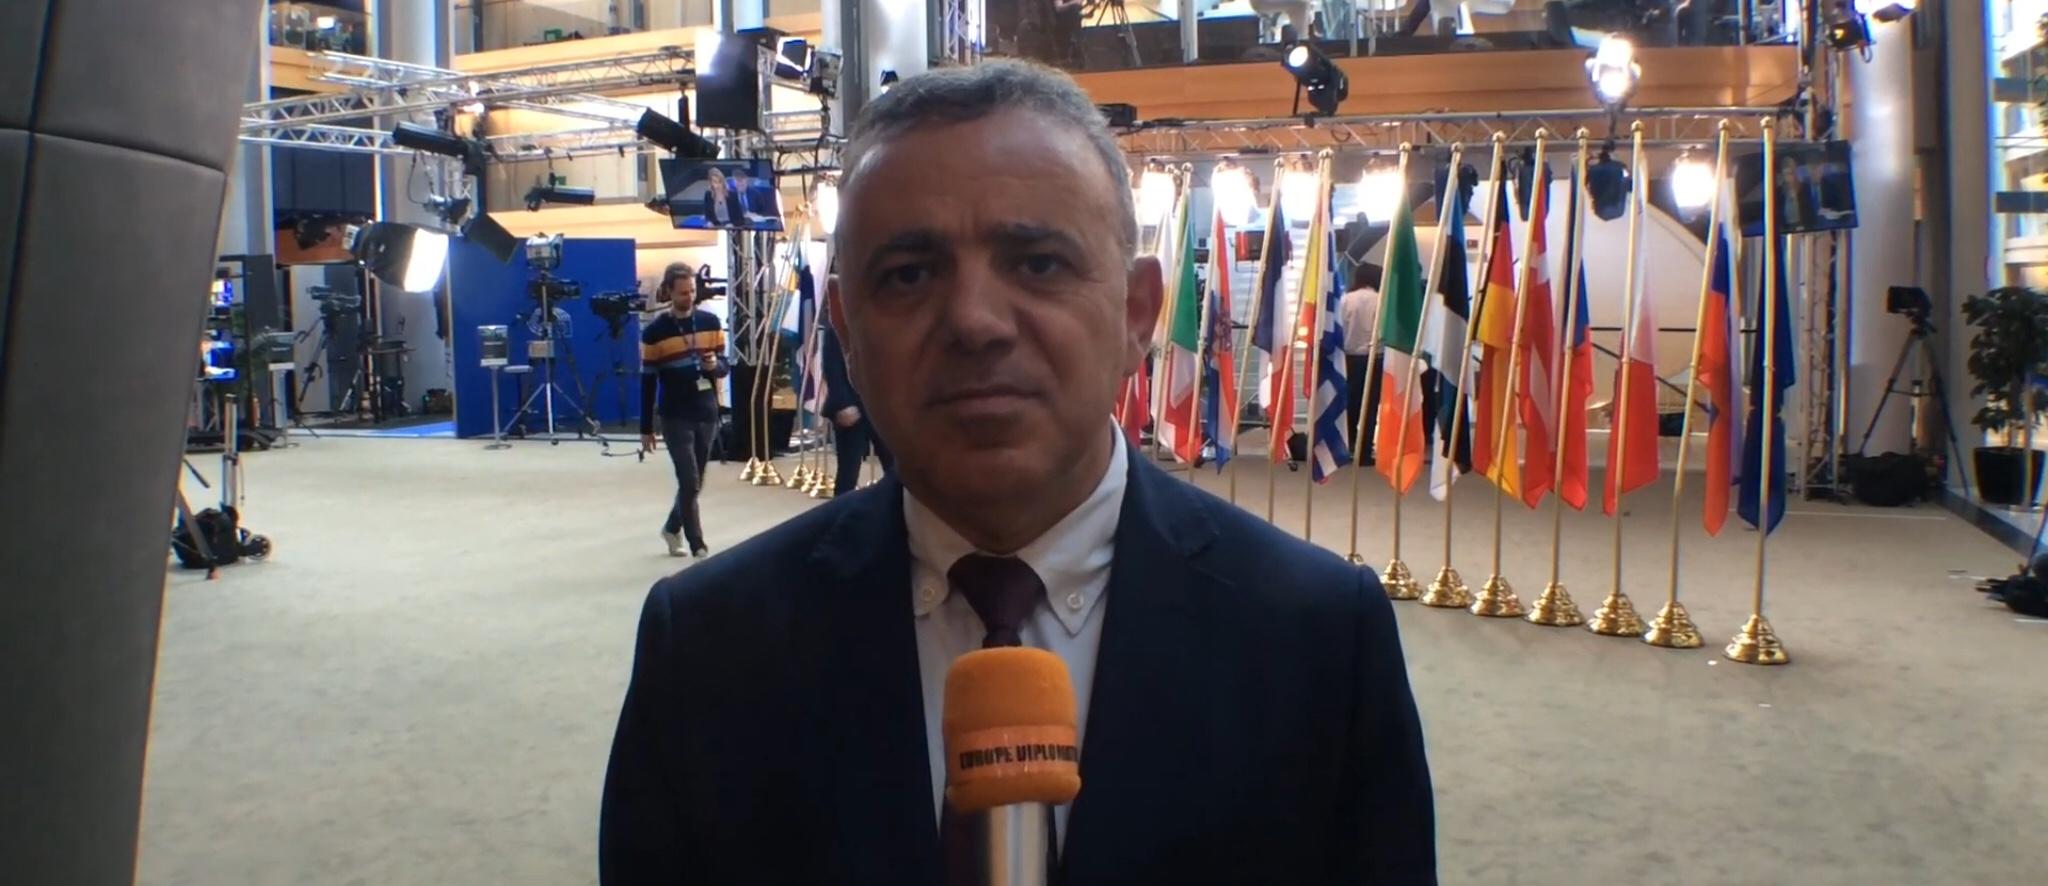 MAVRIDES: Erdogan supports jihadists in Idlib